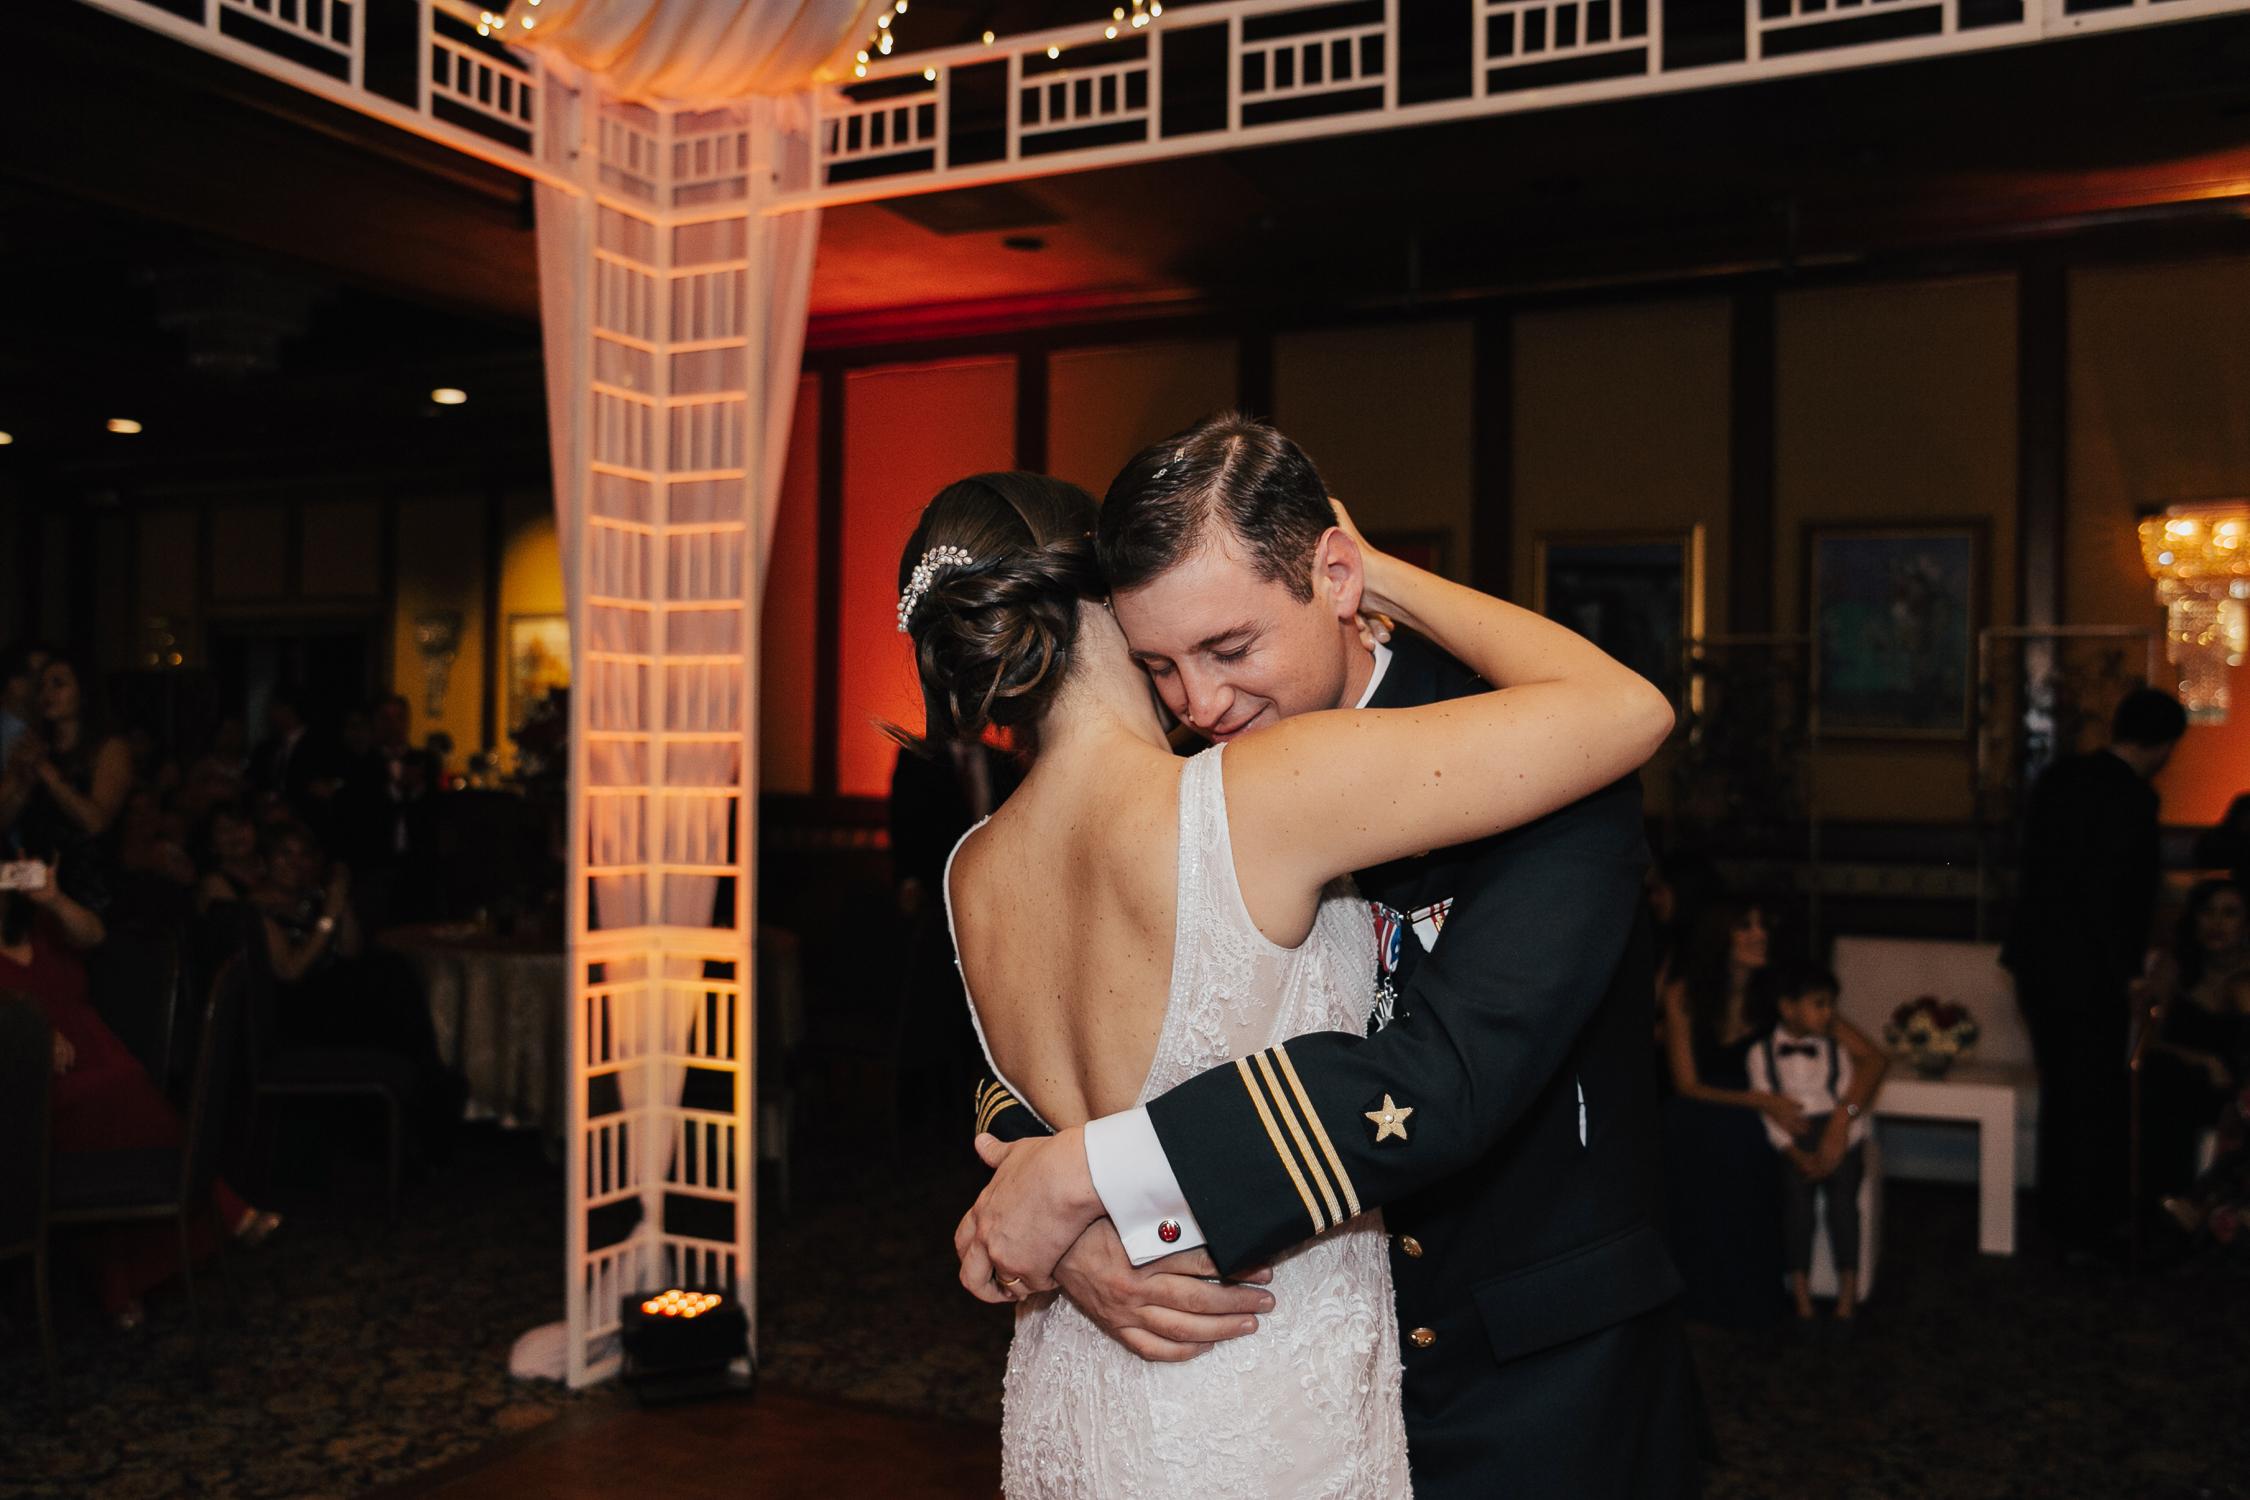 Michelle-Agurto-Fotografia-Bodas-Ecuador-Destination-Wedding-Photographer-Ecuador-Mercedes-Alvaro-173.JPG